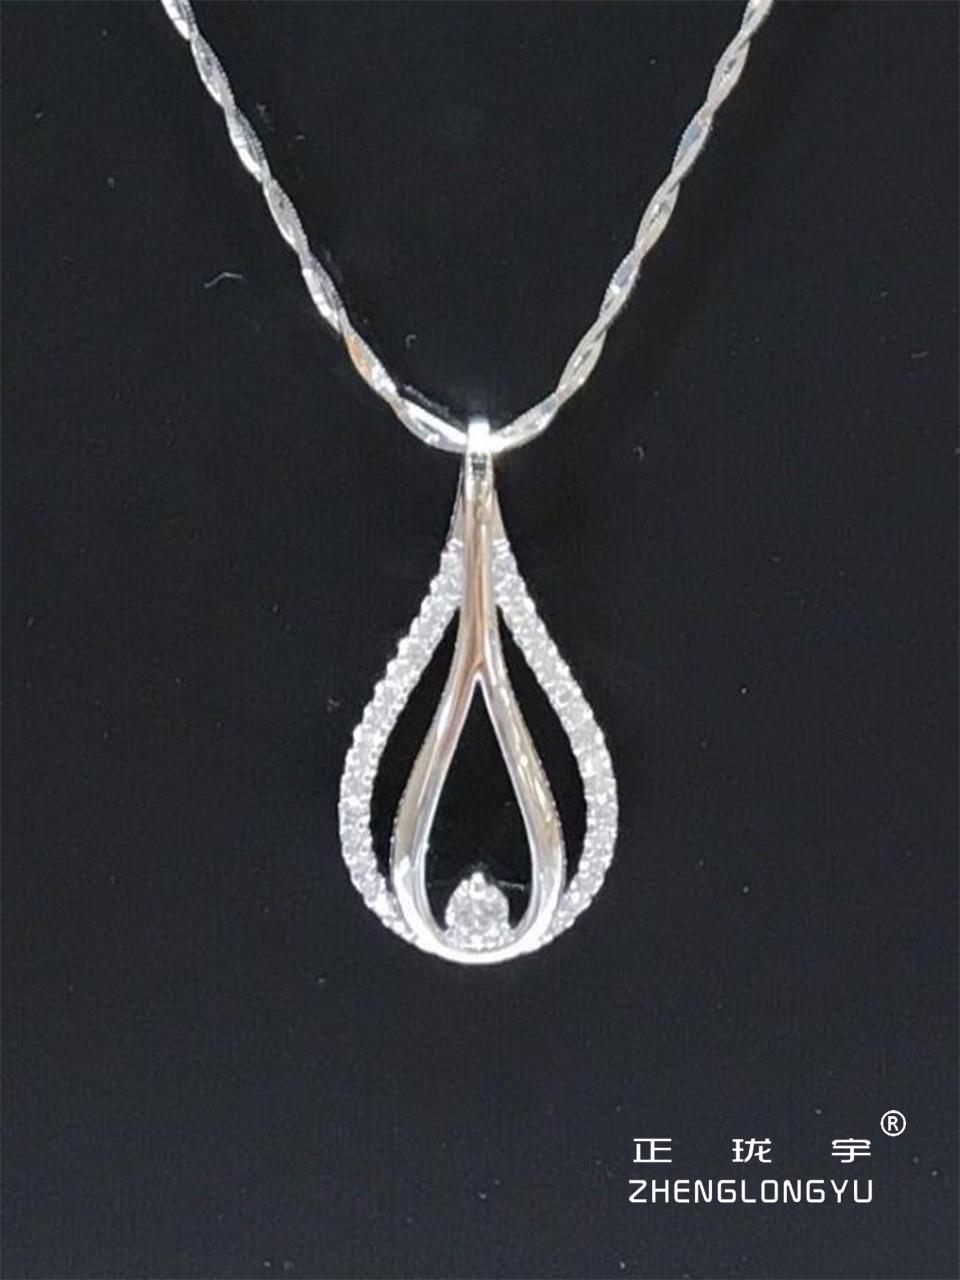 专业钻石定制价格_广东钻石首饰怎么收费-广州正珑宇珠宝有限公司